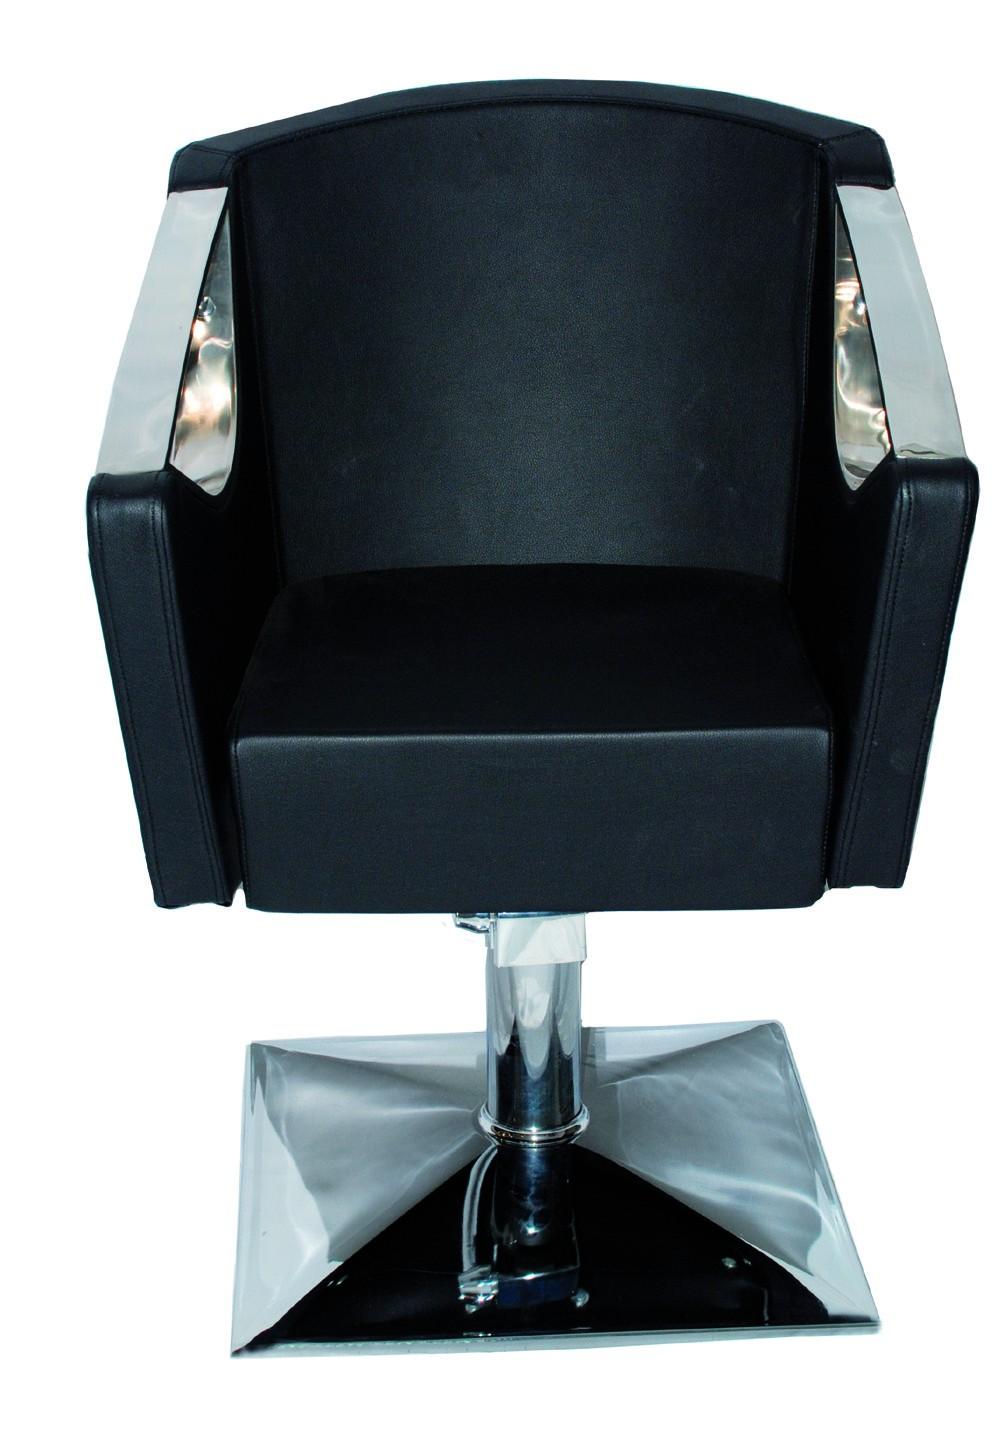 """כיסא לקוח הידראולי דגם  8830.בוכנה גבוהה. אחריות שנתיים על הבוכנה. מחיר לא כולל מע""""מ ולא כולל הובלה."""